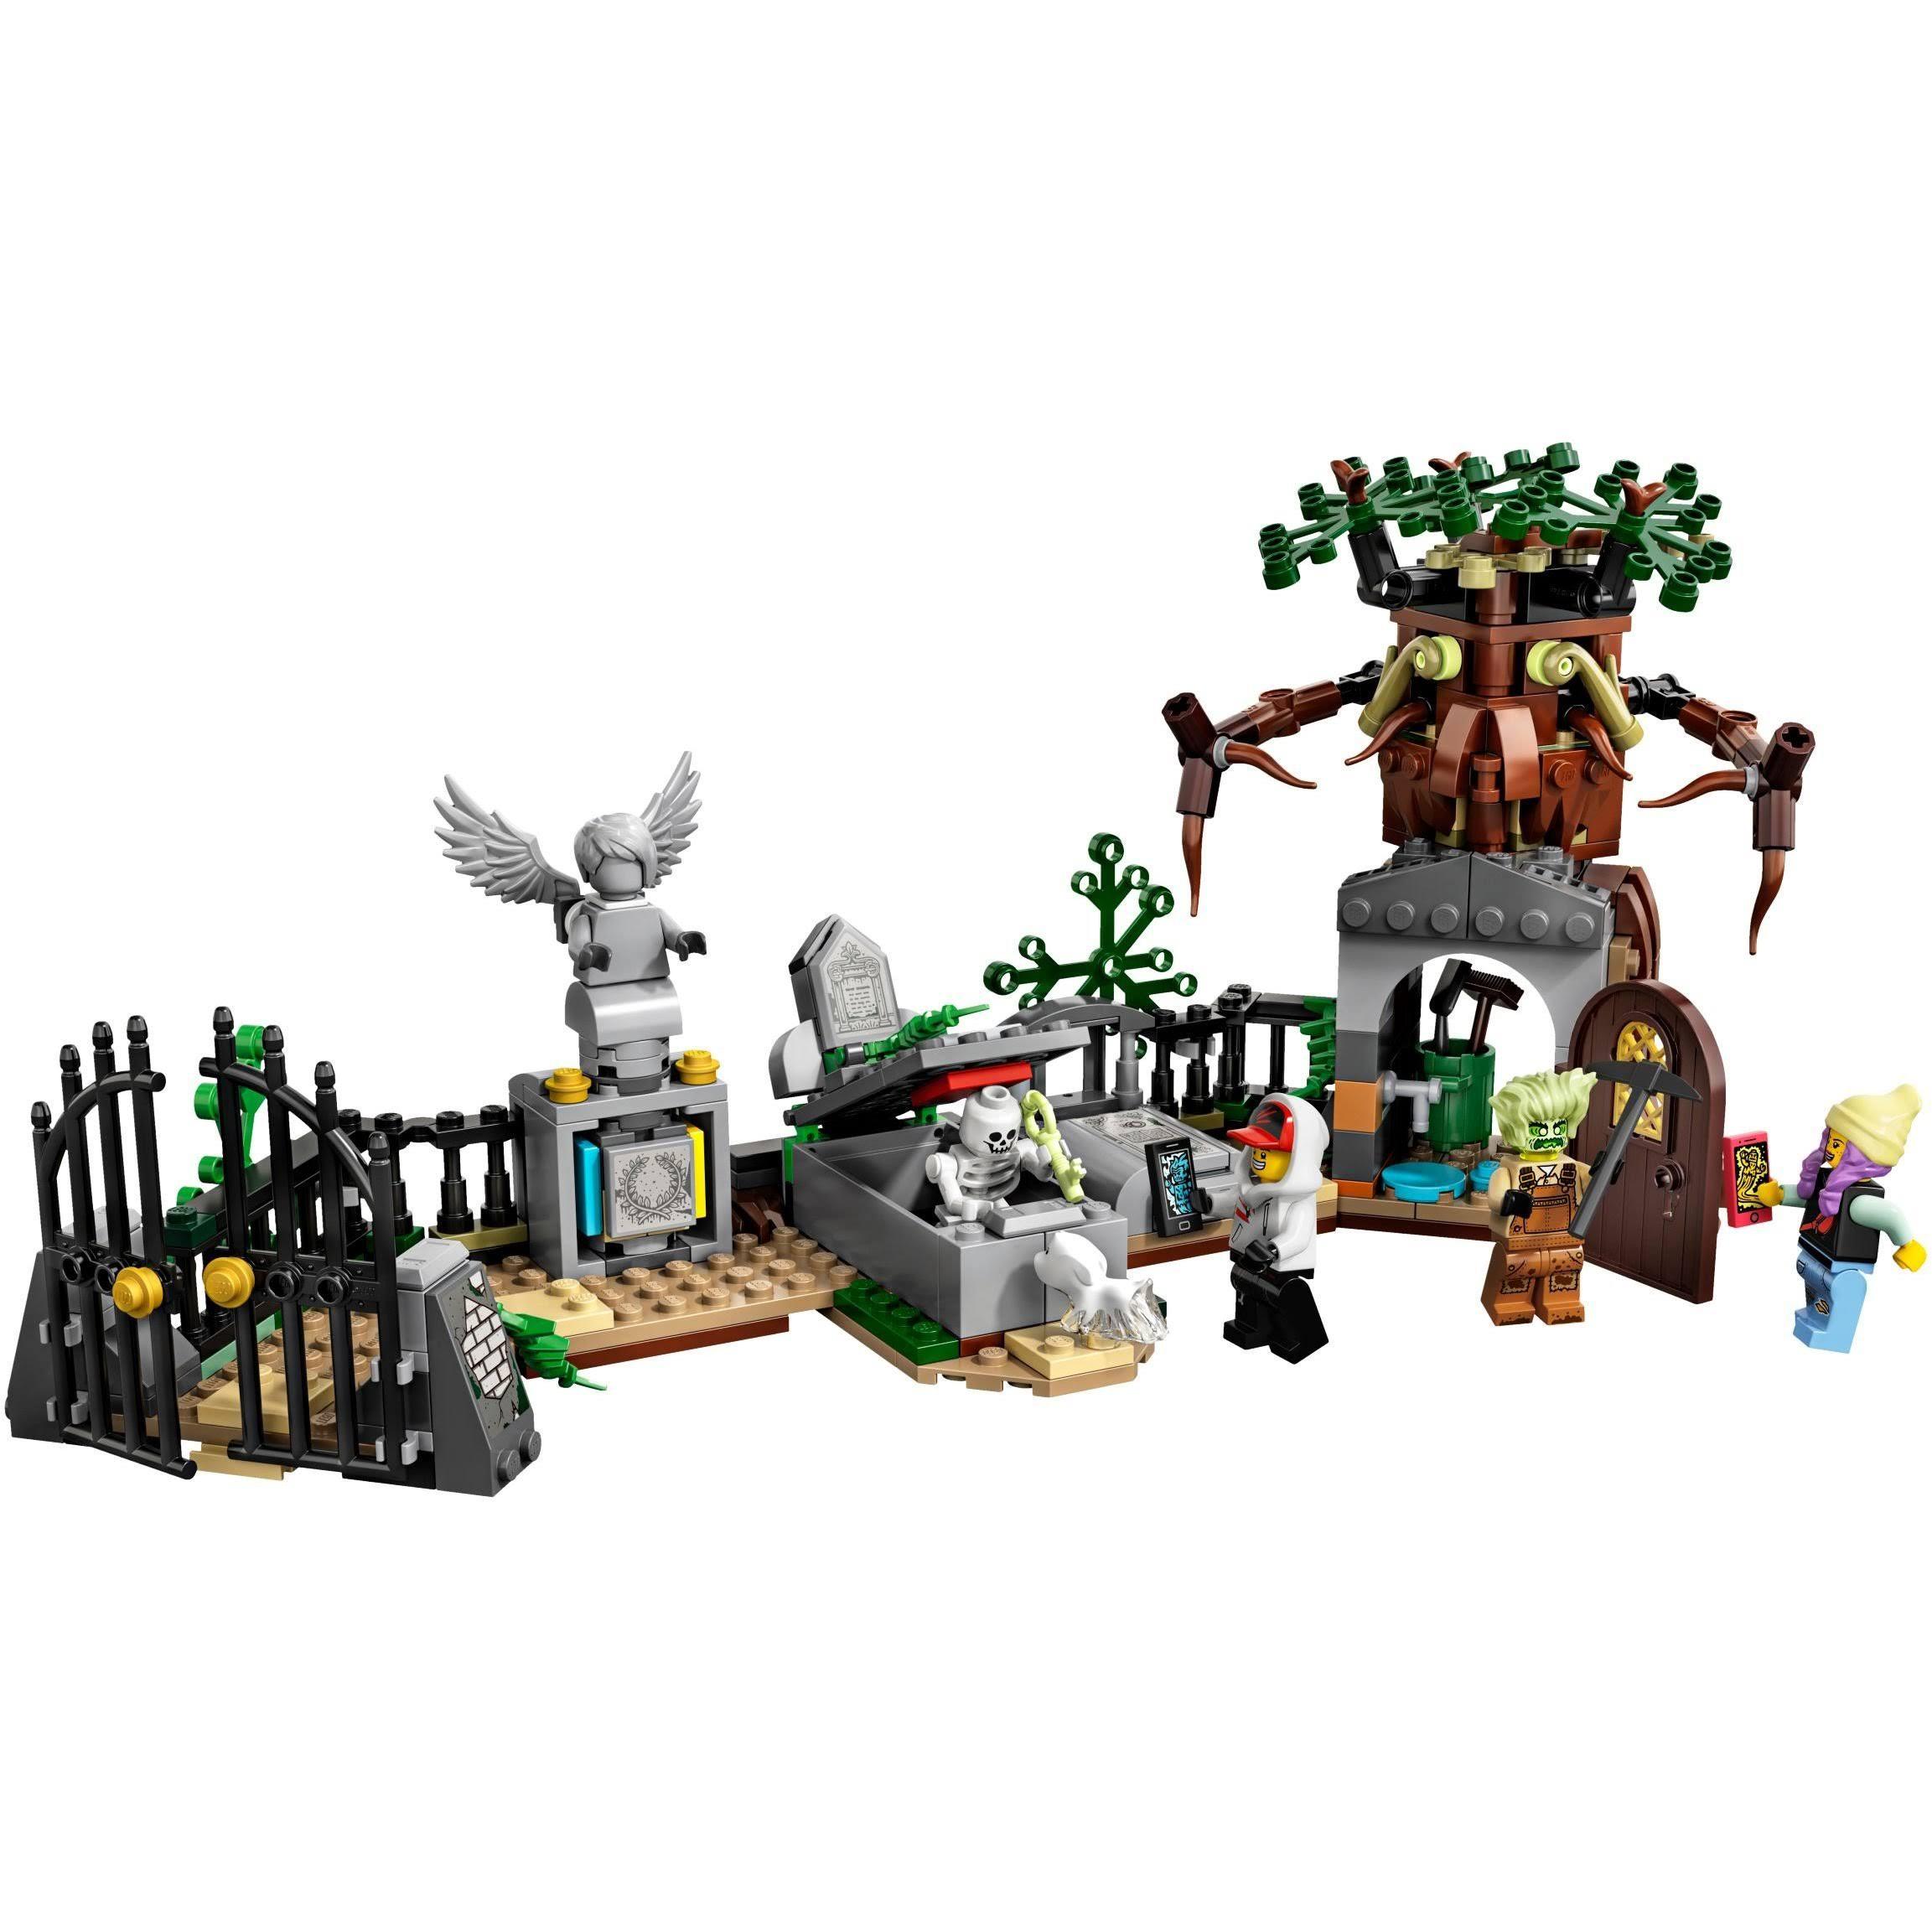 Lego Hidden Side 25% off Argos (ie Graveyard Mystery Ghost AR Games Set £18.75)